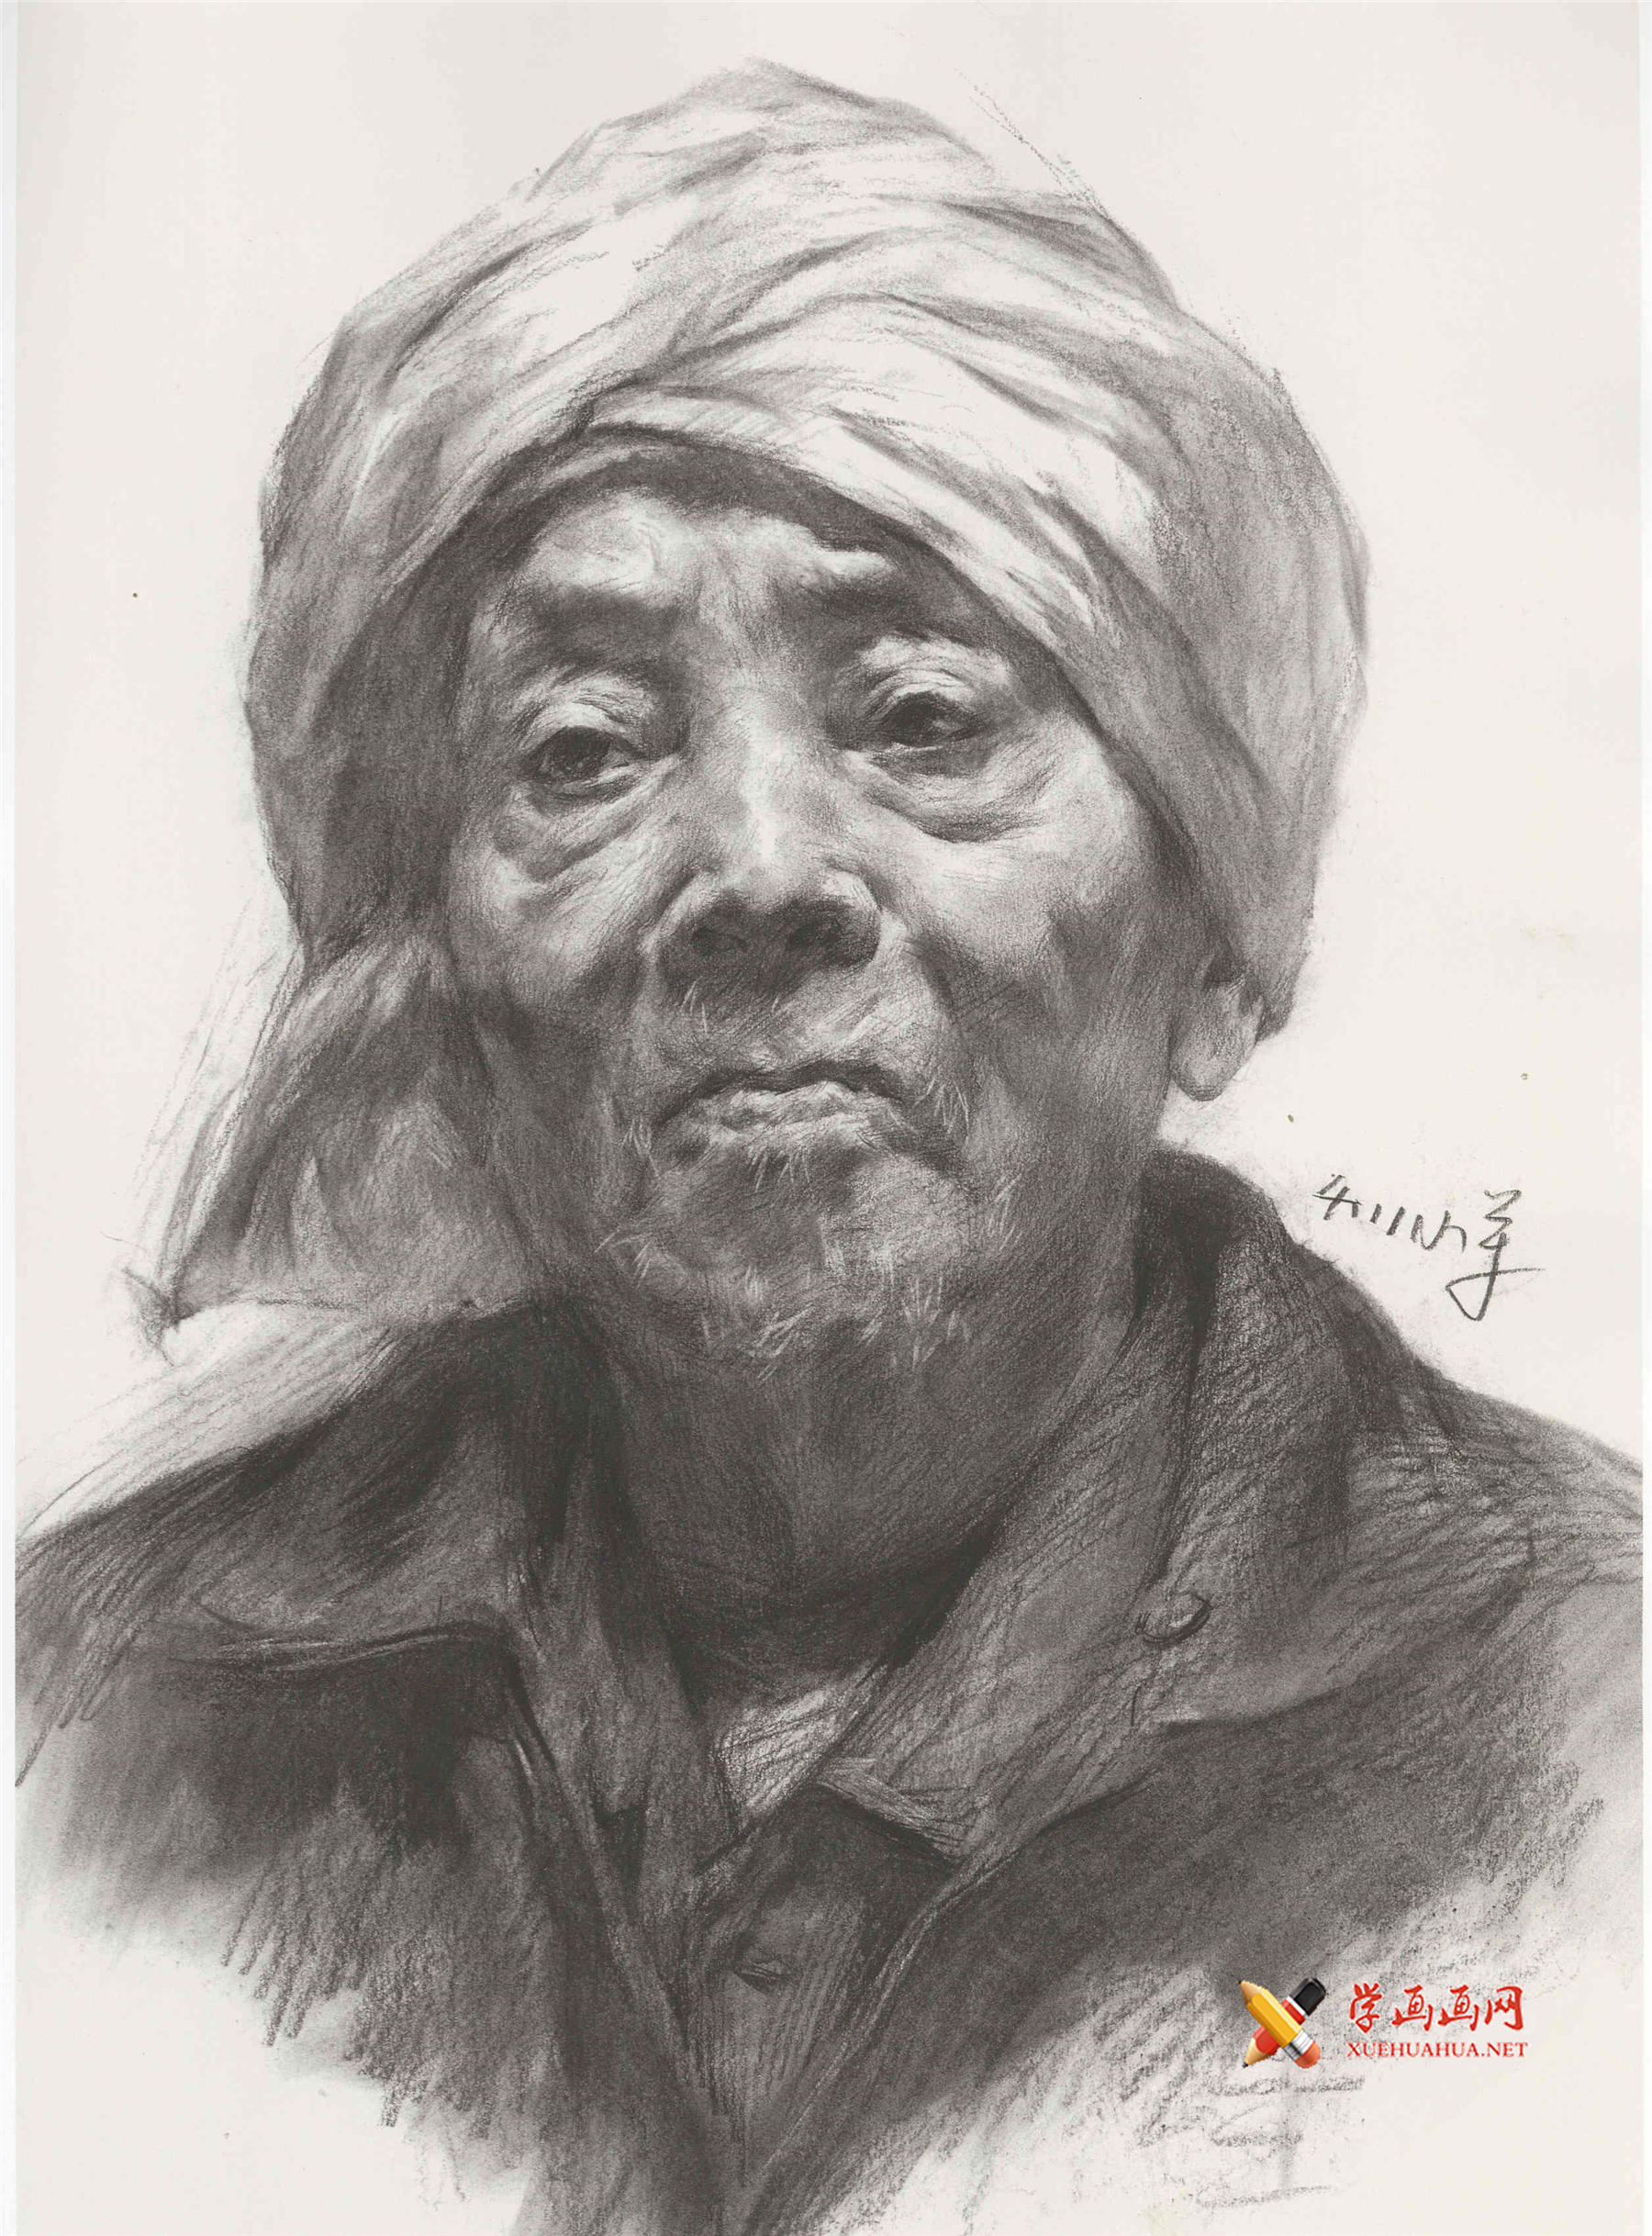 缠头巾的老农的素描头像画法高清图片临摹素材(1)